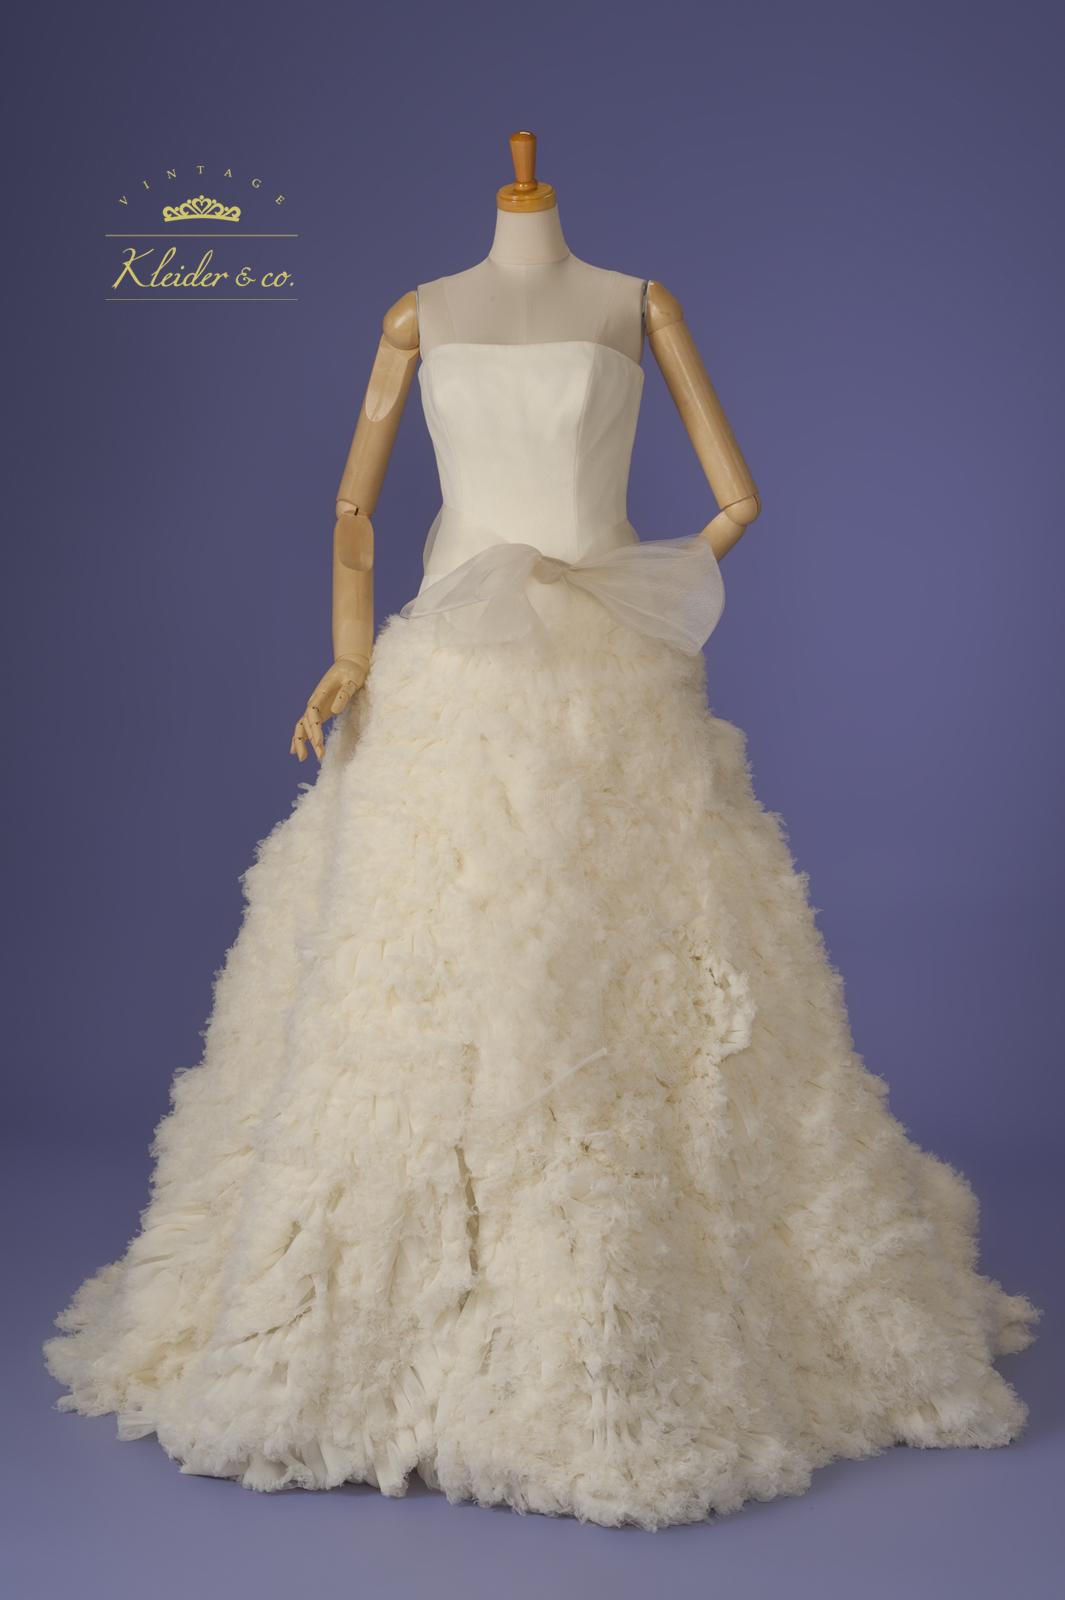 ヴェラ・ウォンウェディングドレス。